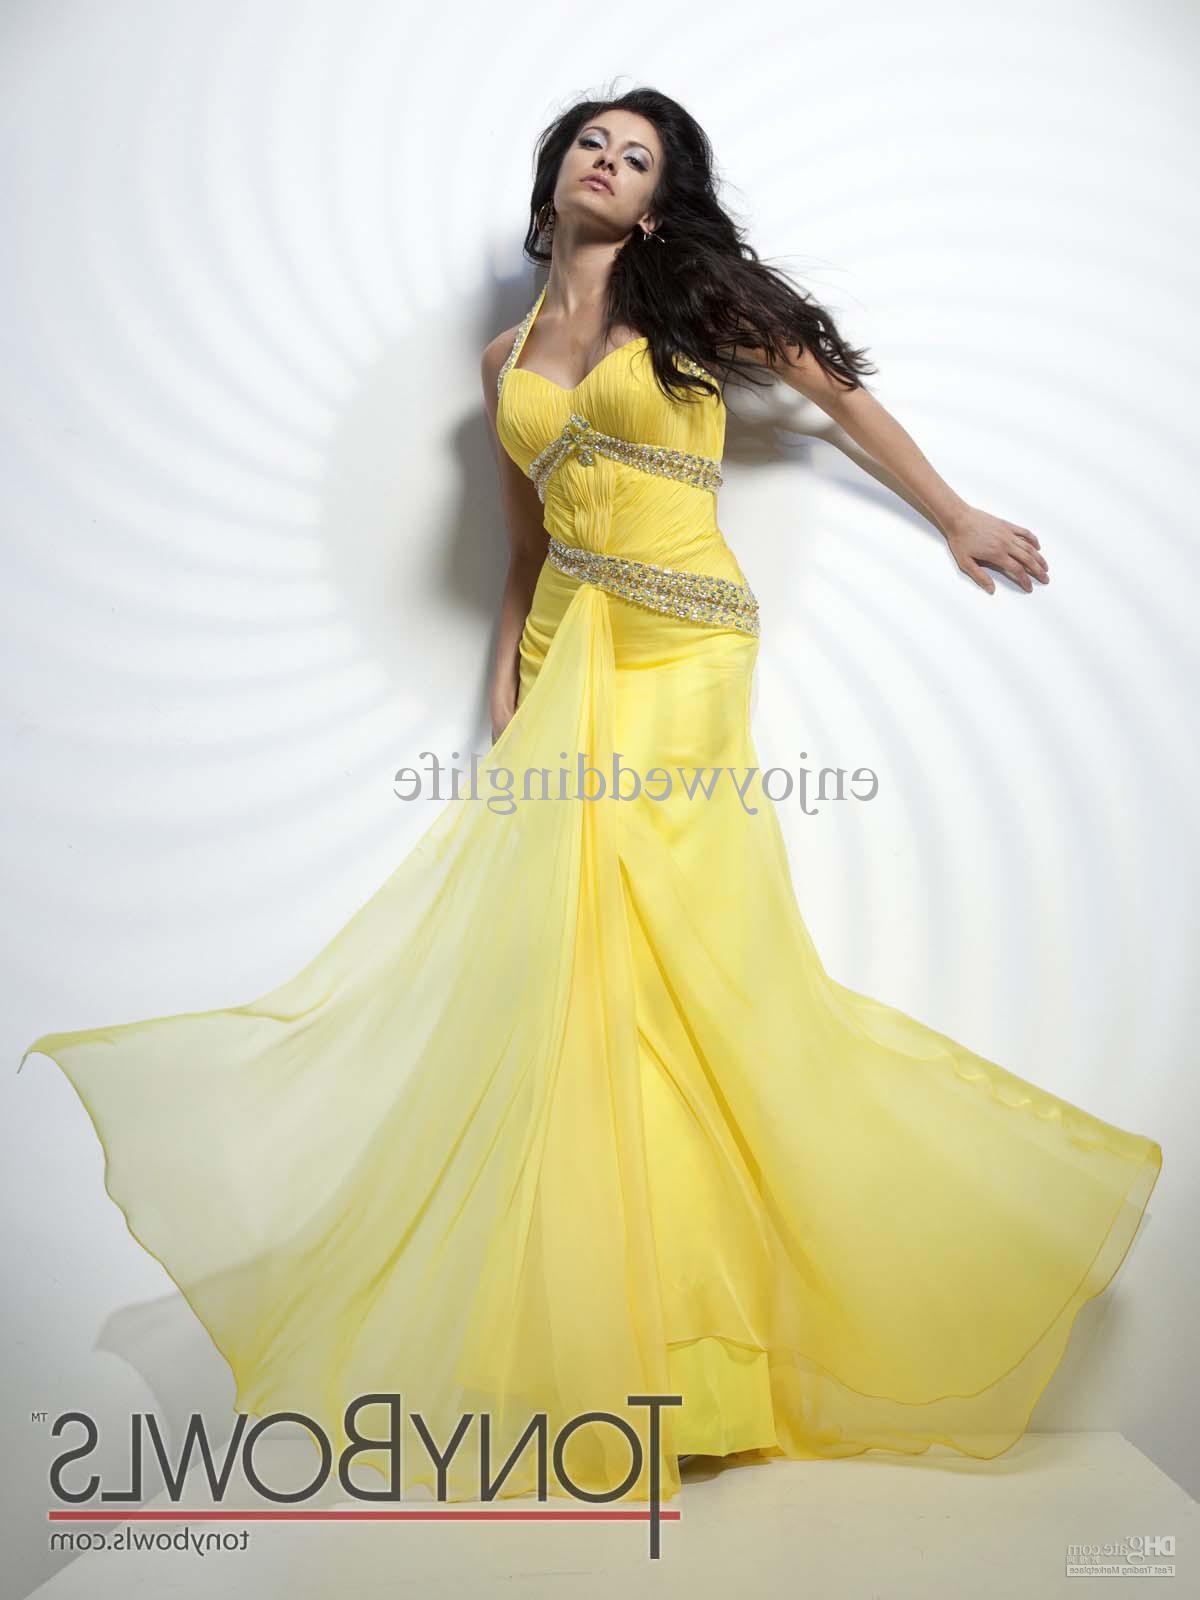 Lovettas Blog In A Ghanaian Dress